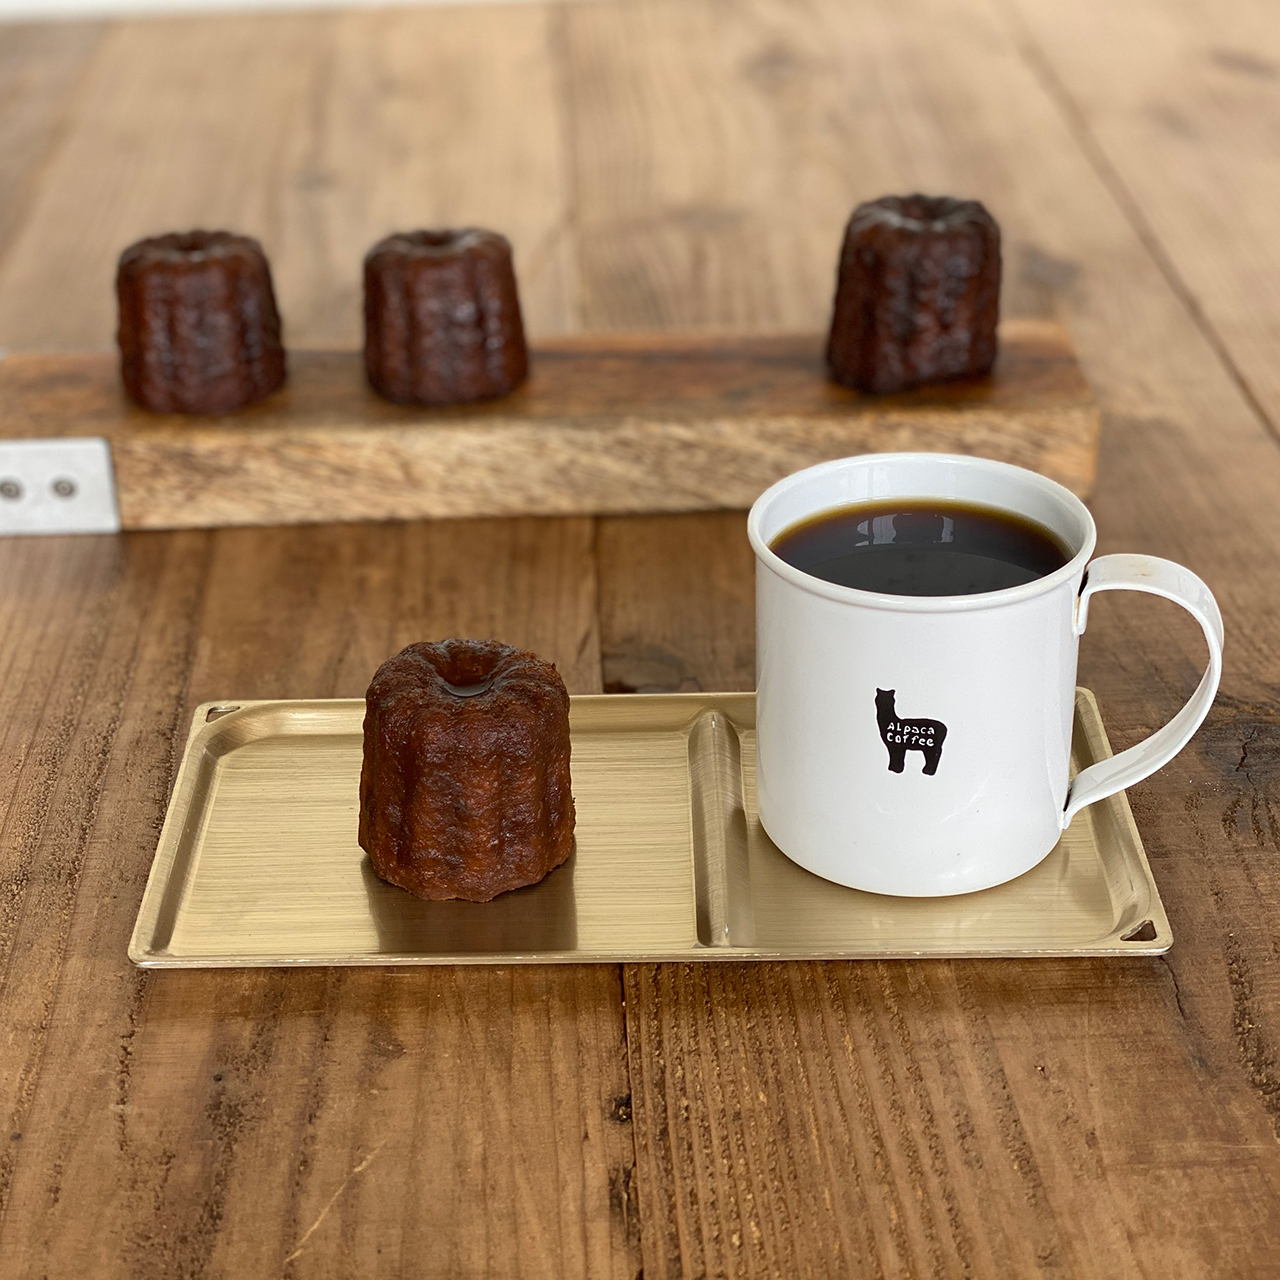 [2/25より発送]2月アルパカマフィン4種とコーヒーカヌレ4個*冷凍商品